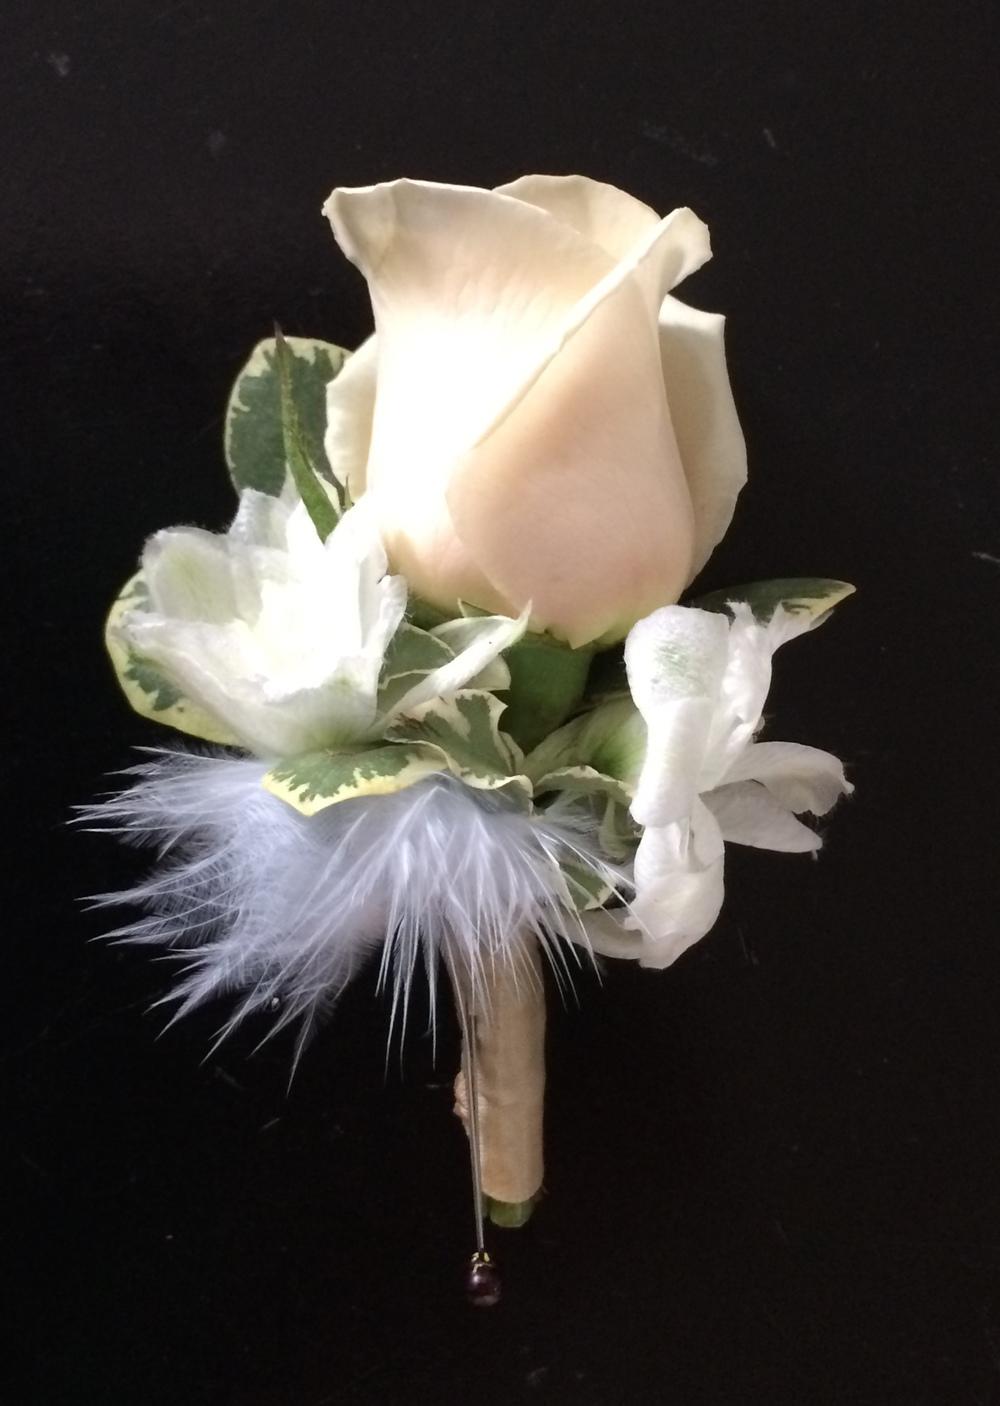 Botonnière. Montreal florist.